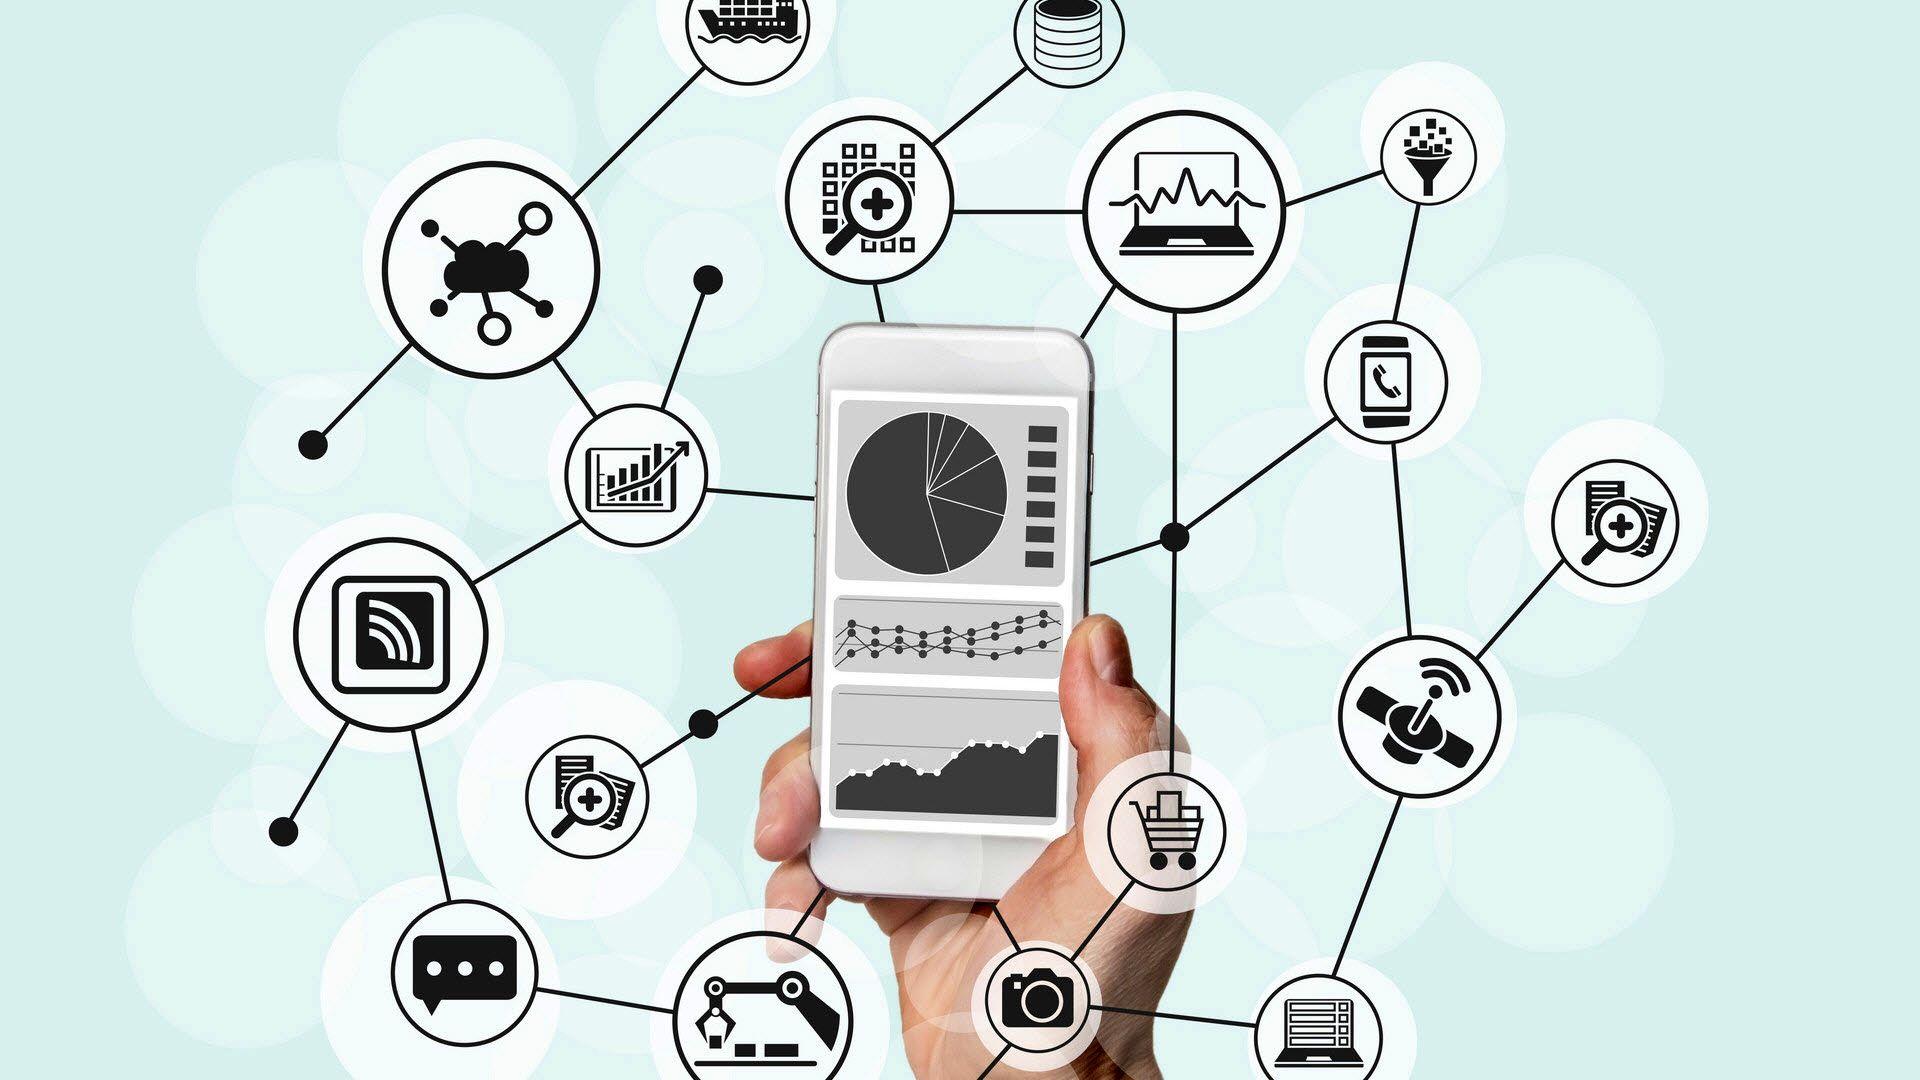 نحوه کنترل و کاهش میزان استفاده از اینترنت همراه/// گزارش